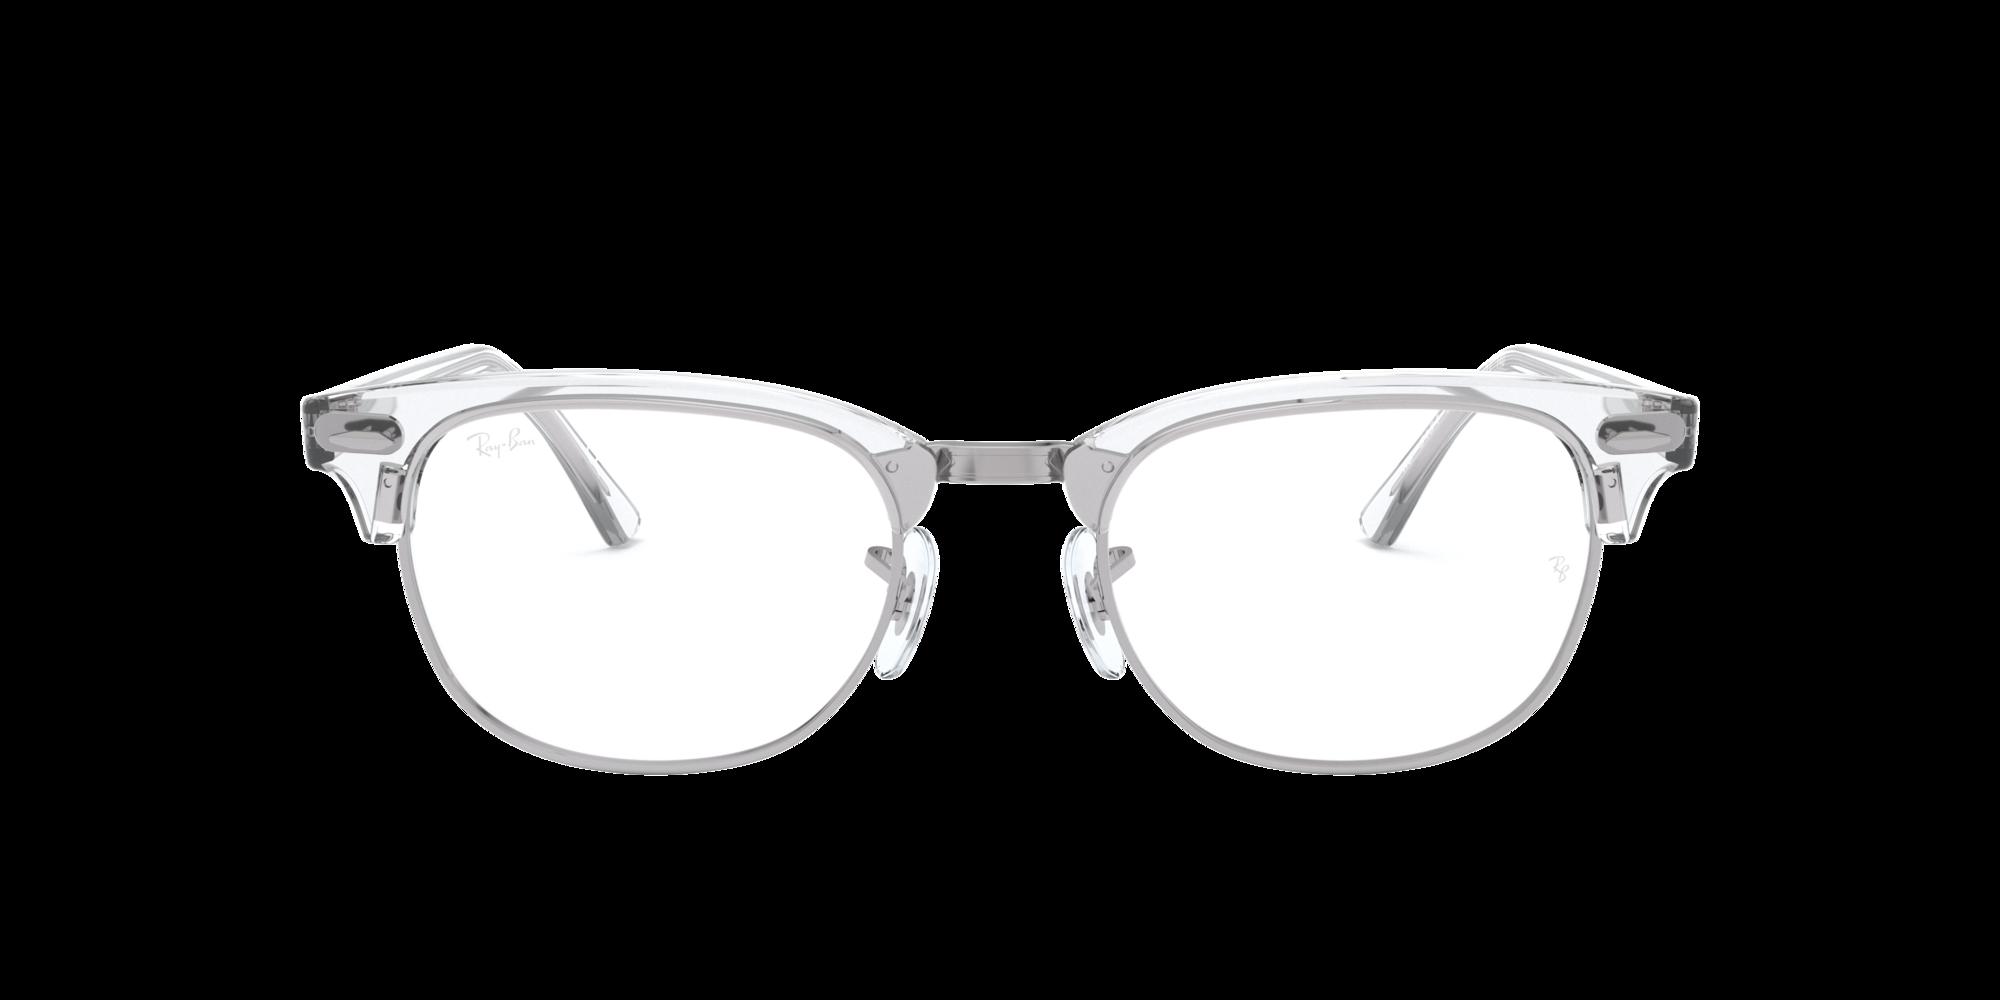 Image de RX5154 CLUBMASTER from LensCrafters   Lunettes, lunettes d'ordonnance en ligne, lunetterie